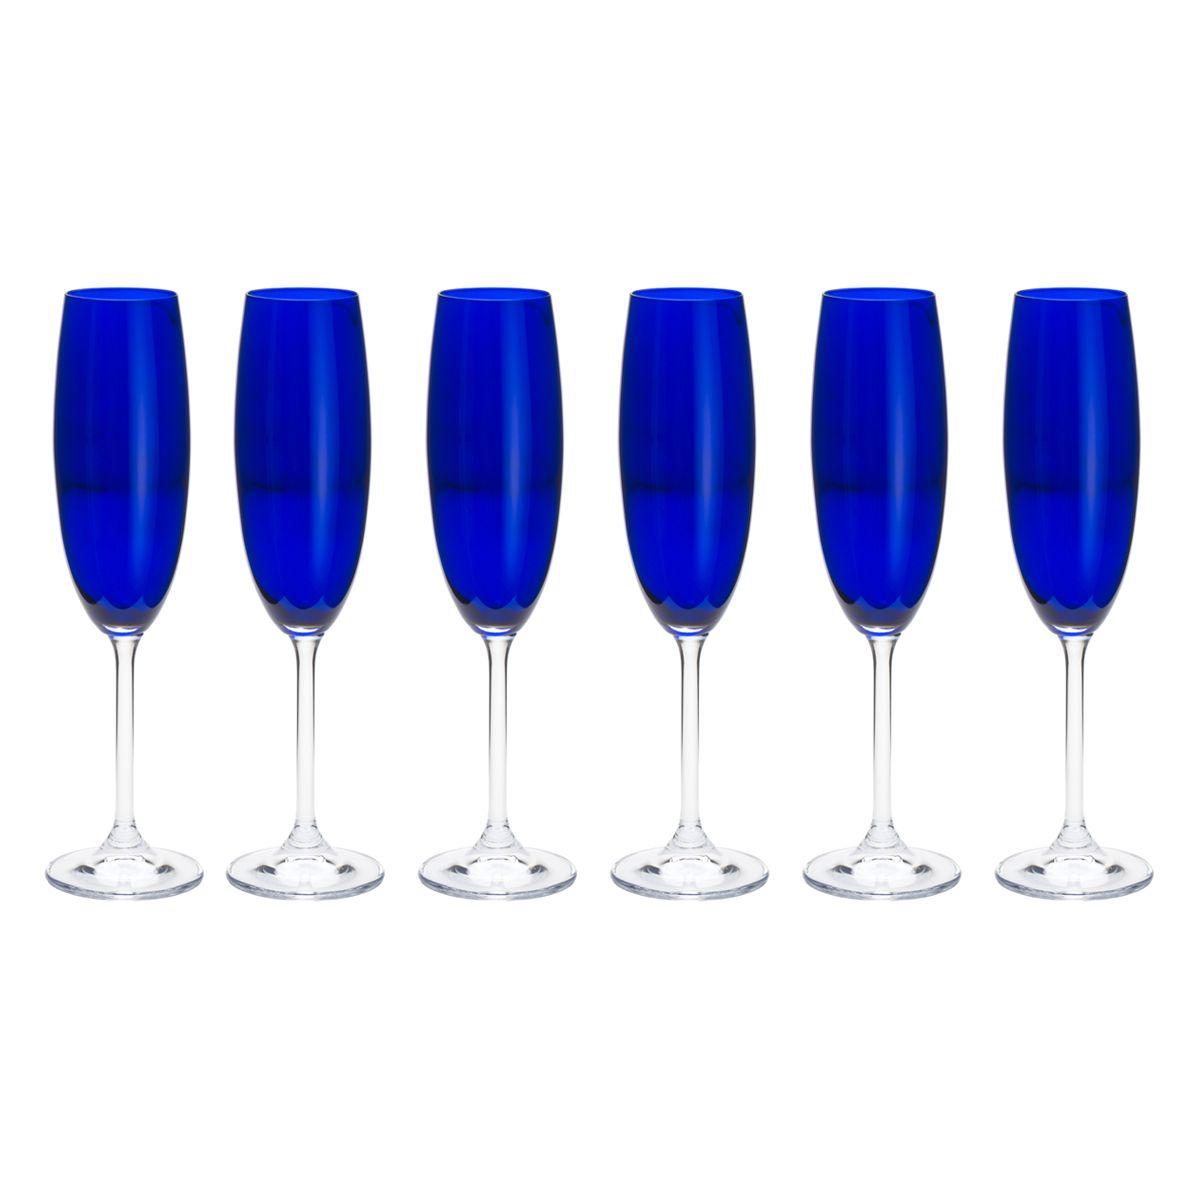 Jogo 6 taças 220ml para champagne de cristal ecológico cobalto Gastro/Colibri Bohemia - 35039